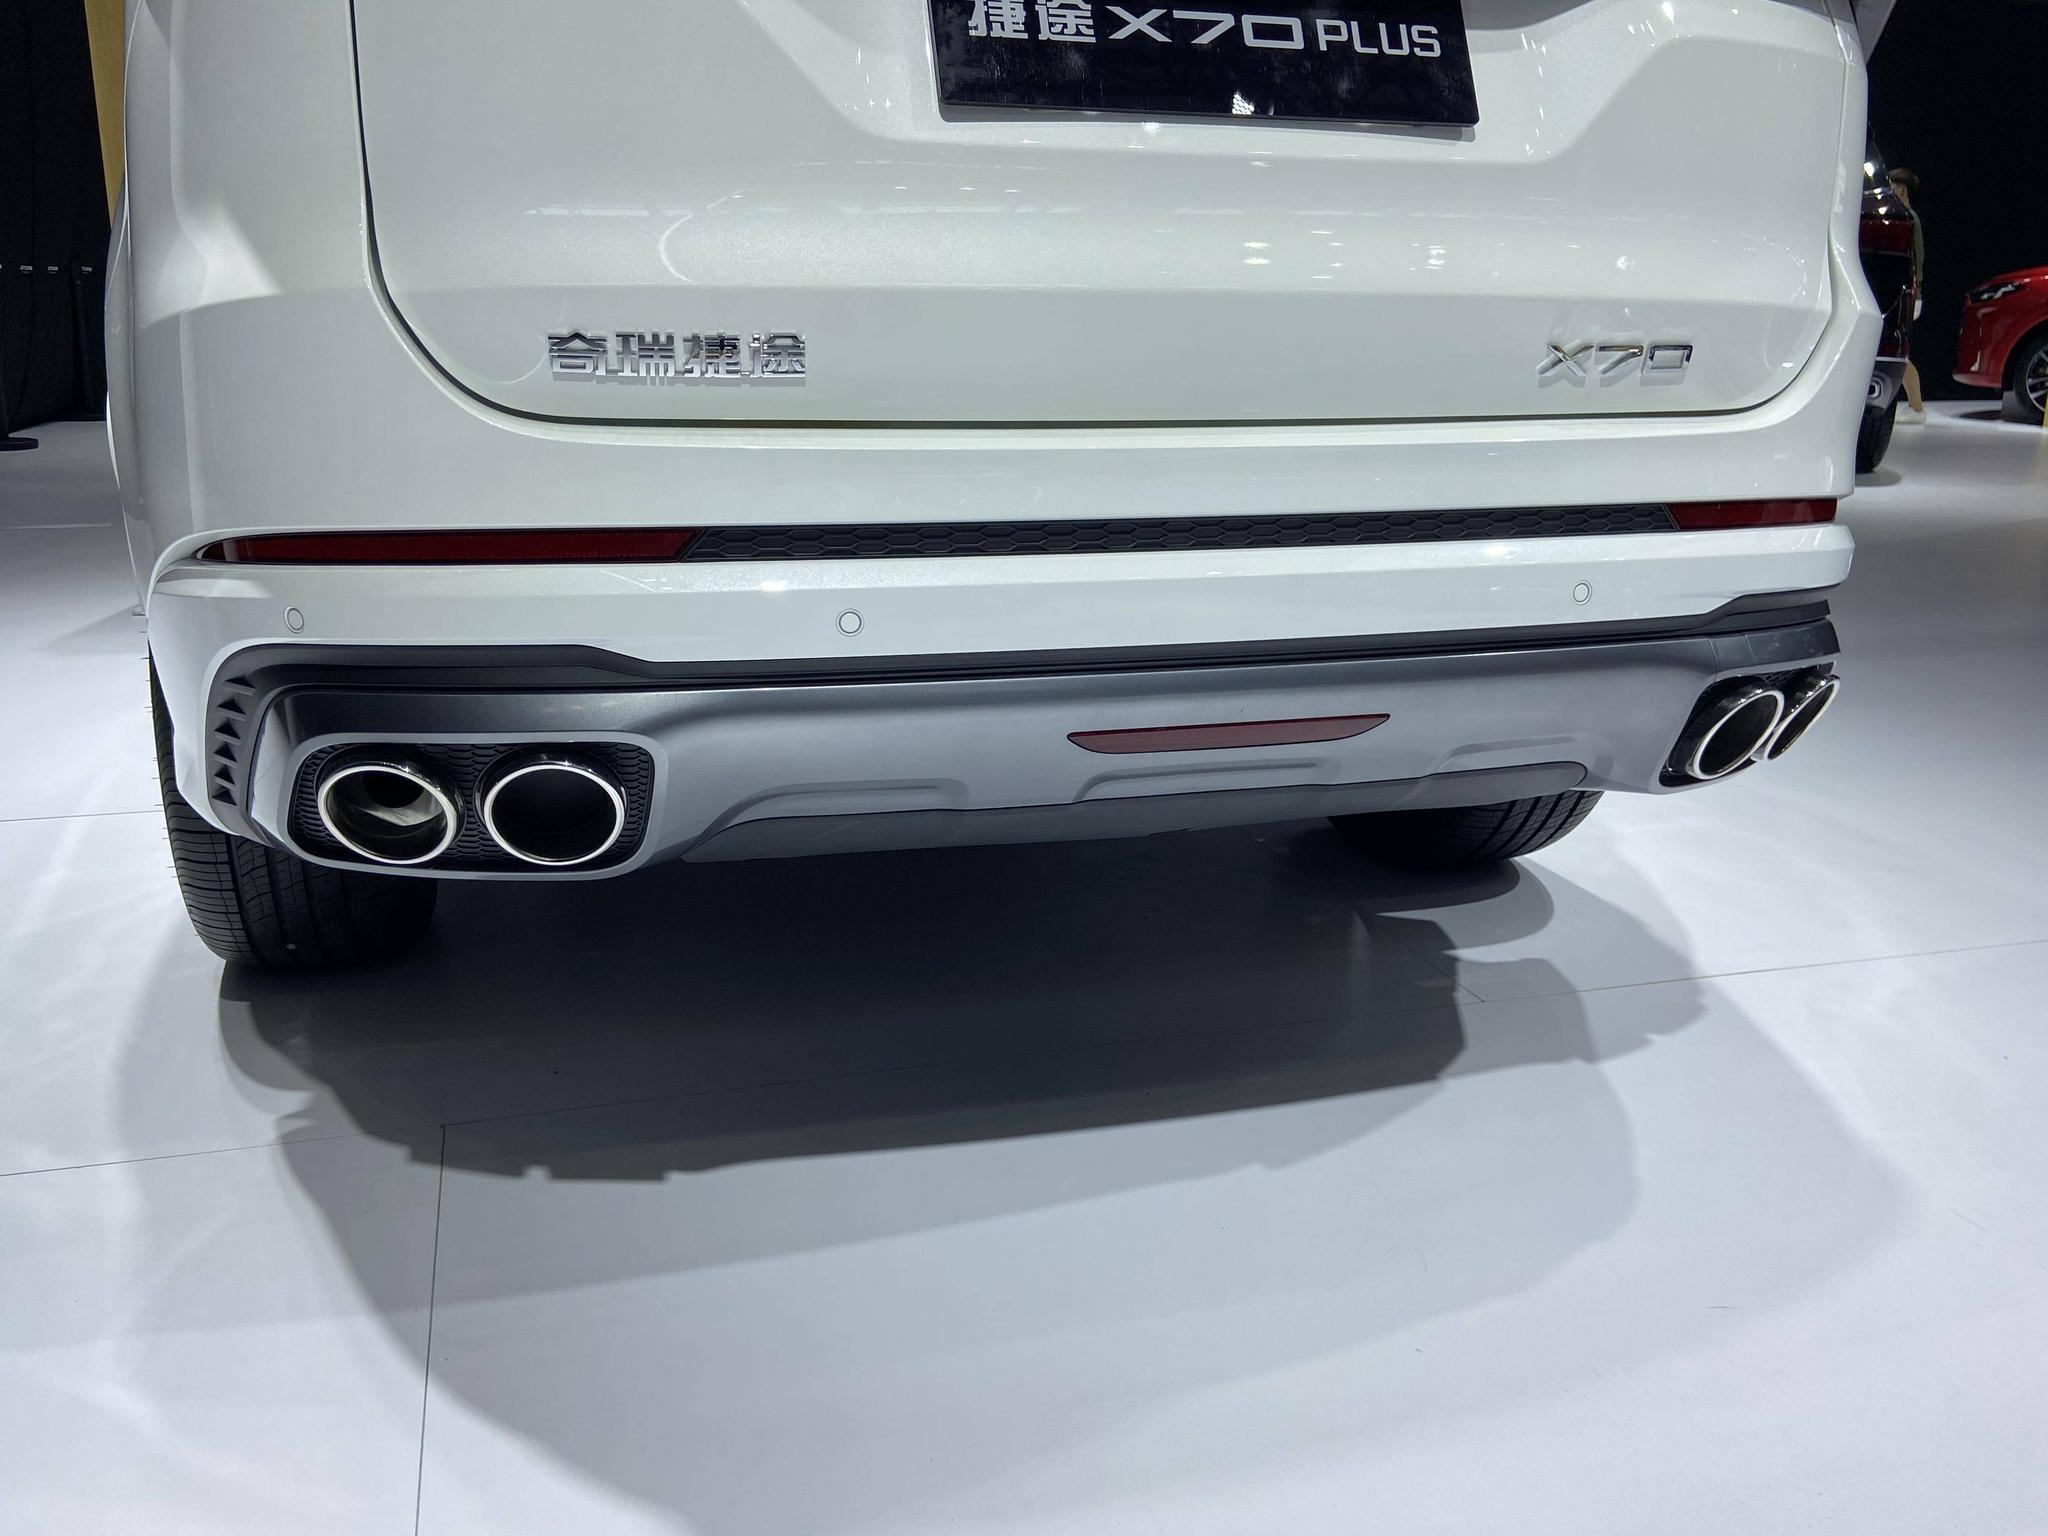 """深耕""""旅行+""""市场,捷途携X70 PLUS和全新一代X90亮相"""